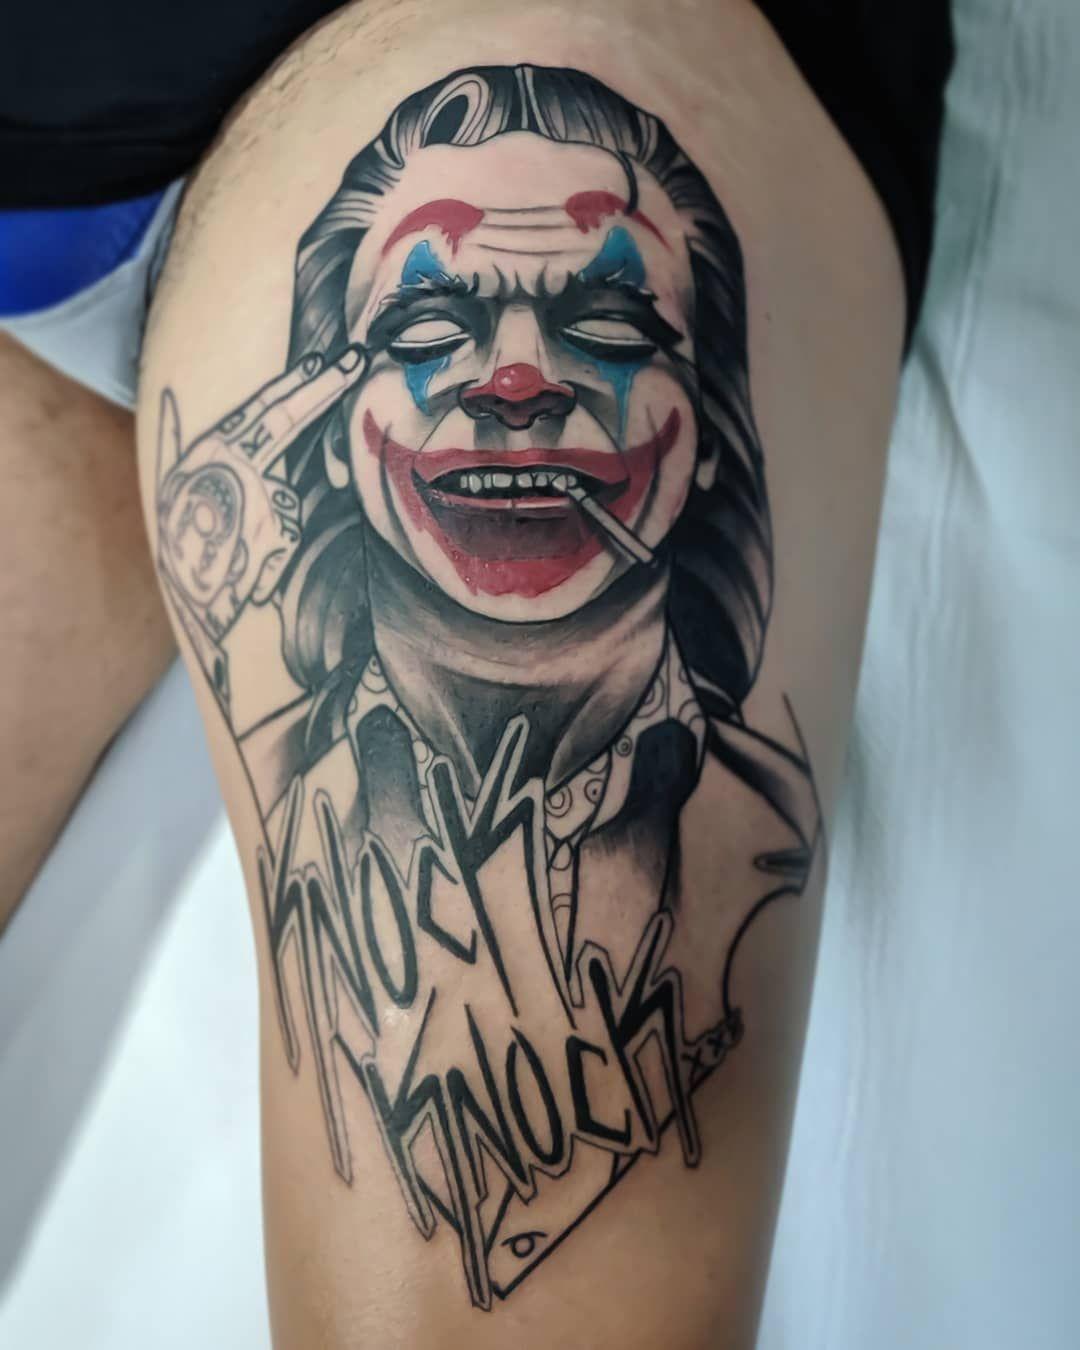 33 Cool Joker Tattoos That You Will Love Joker Jokertattoo Jokertattoos Tattoos Joker Tattoo Design Tattoo Designs Joker tattoo pics hd